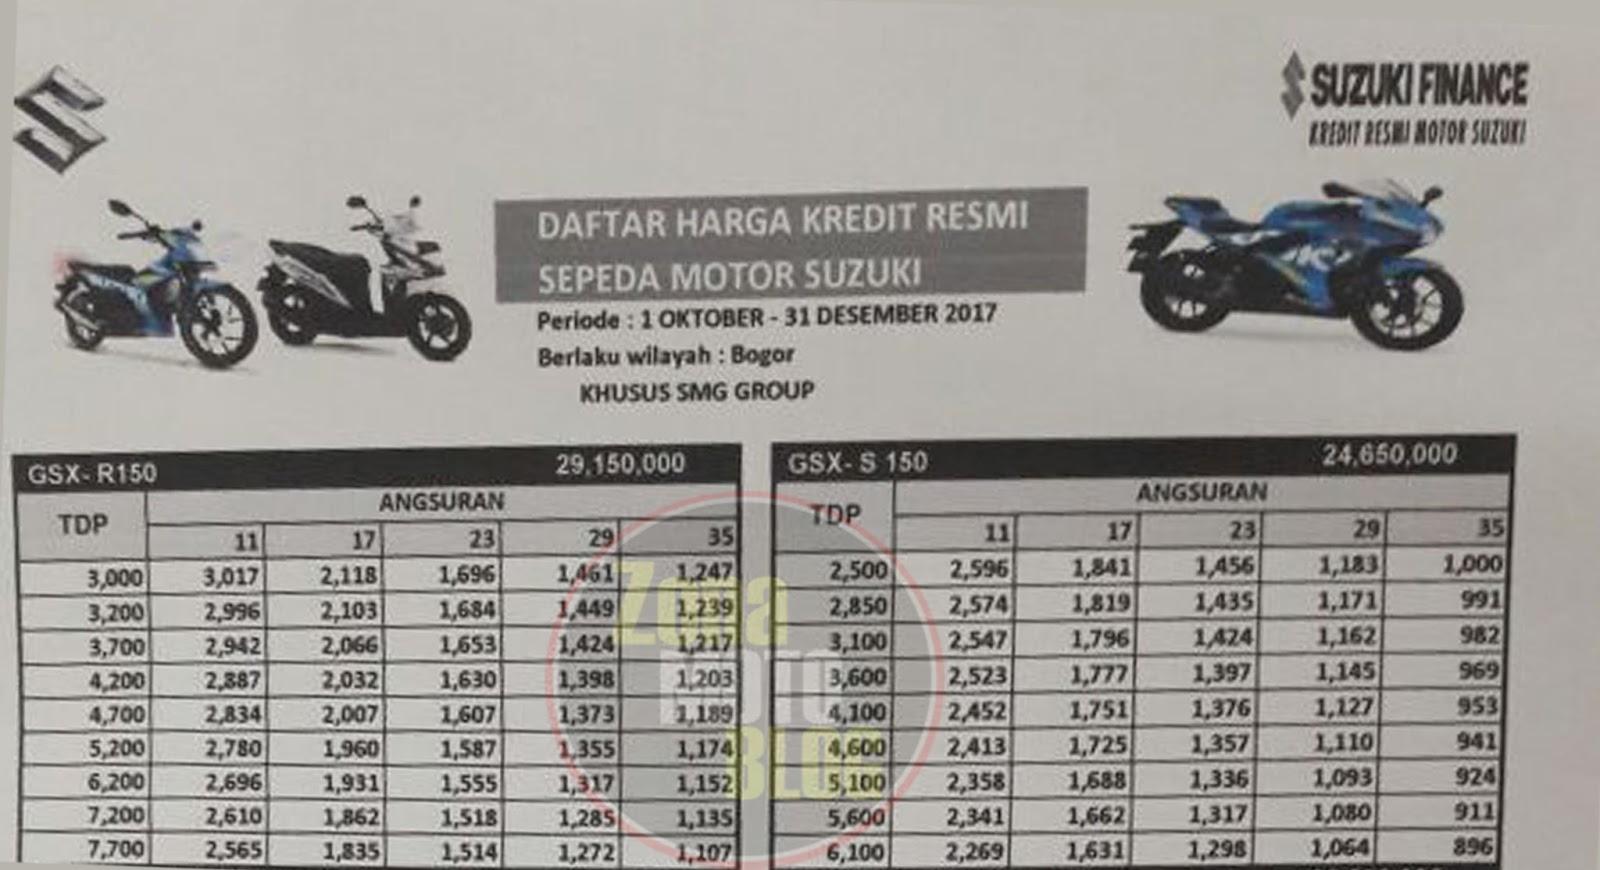 Kredit Motor Gsx R150 Bogor The Emoji